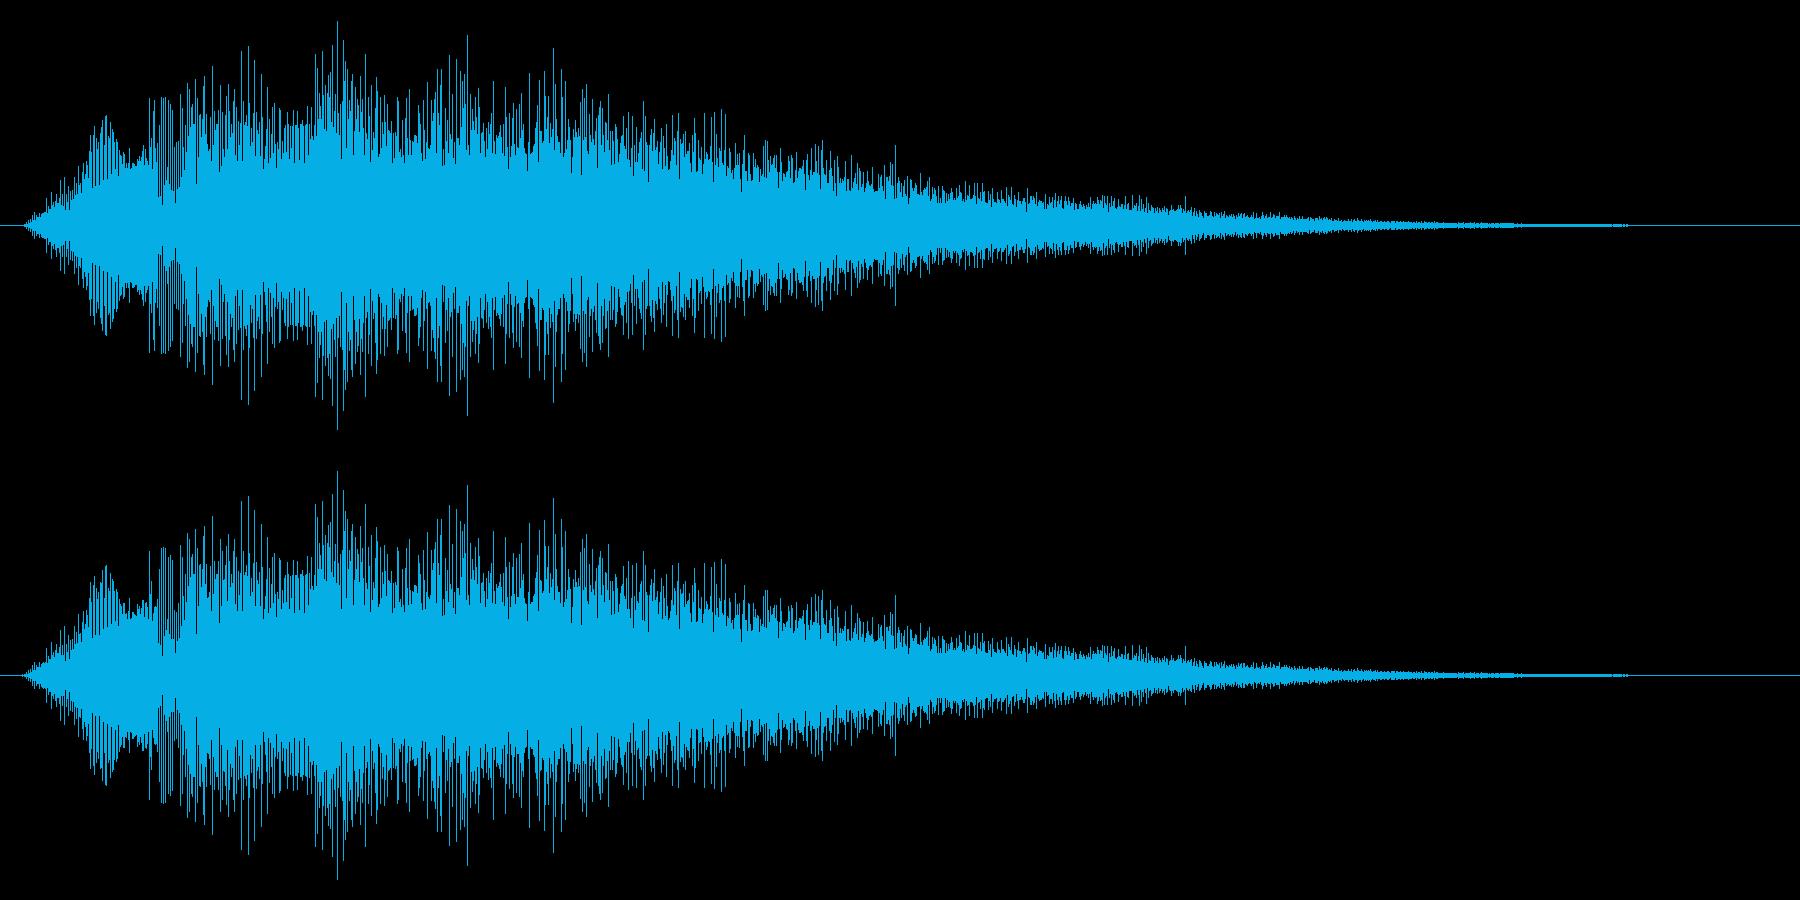 キラキラ/決定/アイテム獲得の再生済みの波形